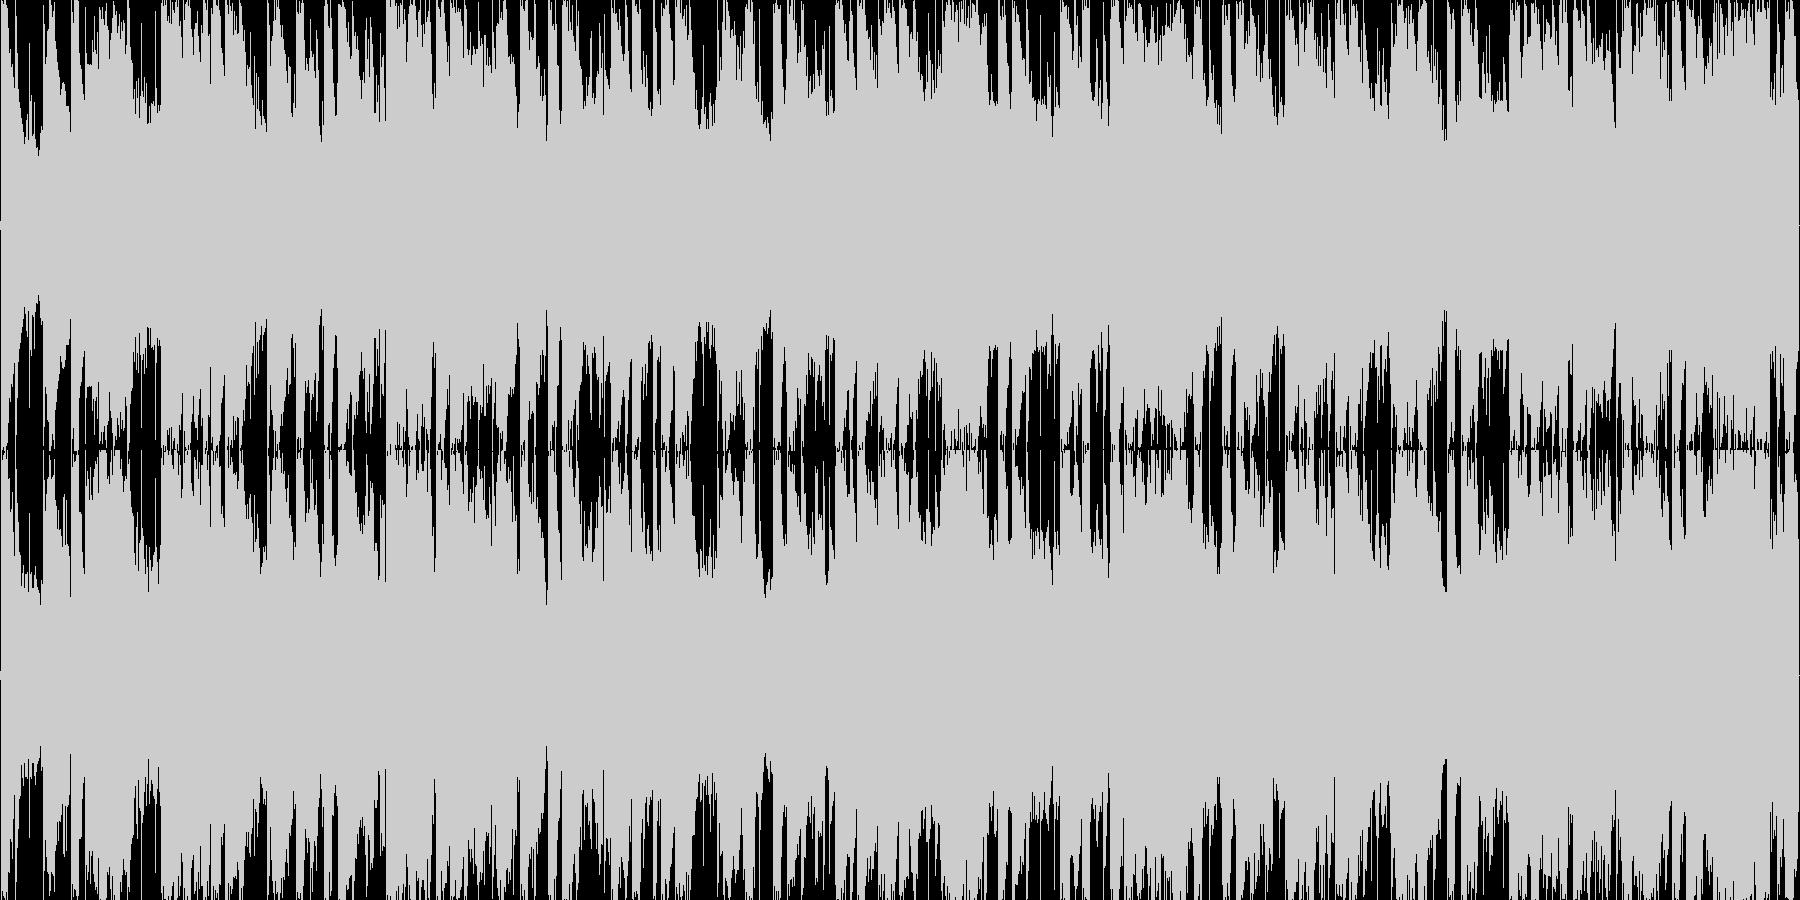 MOTIF XSの美しいエレクトリック…の未再生の波形